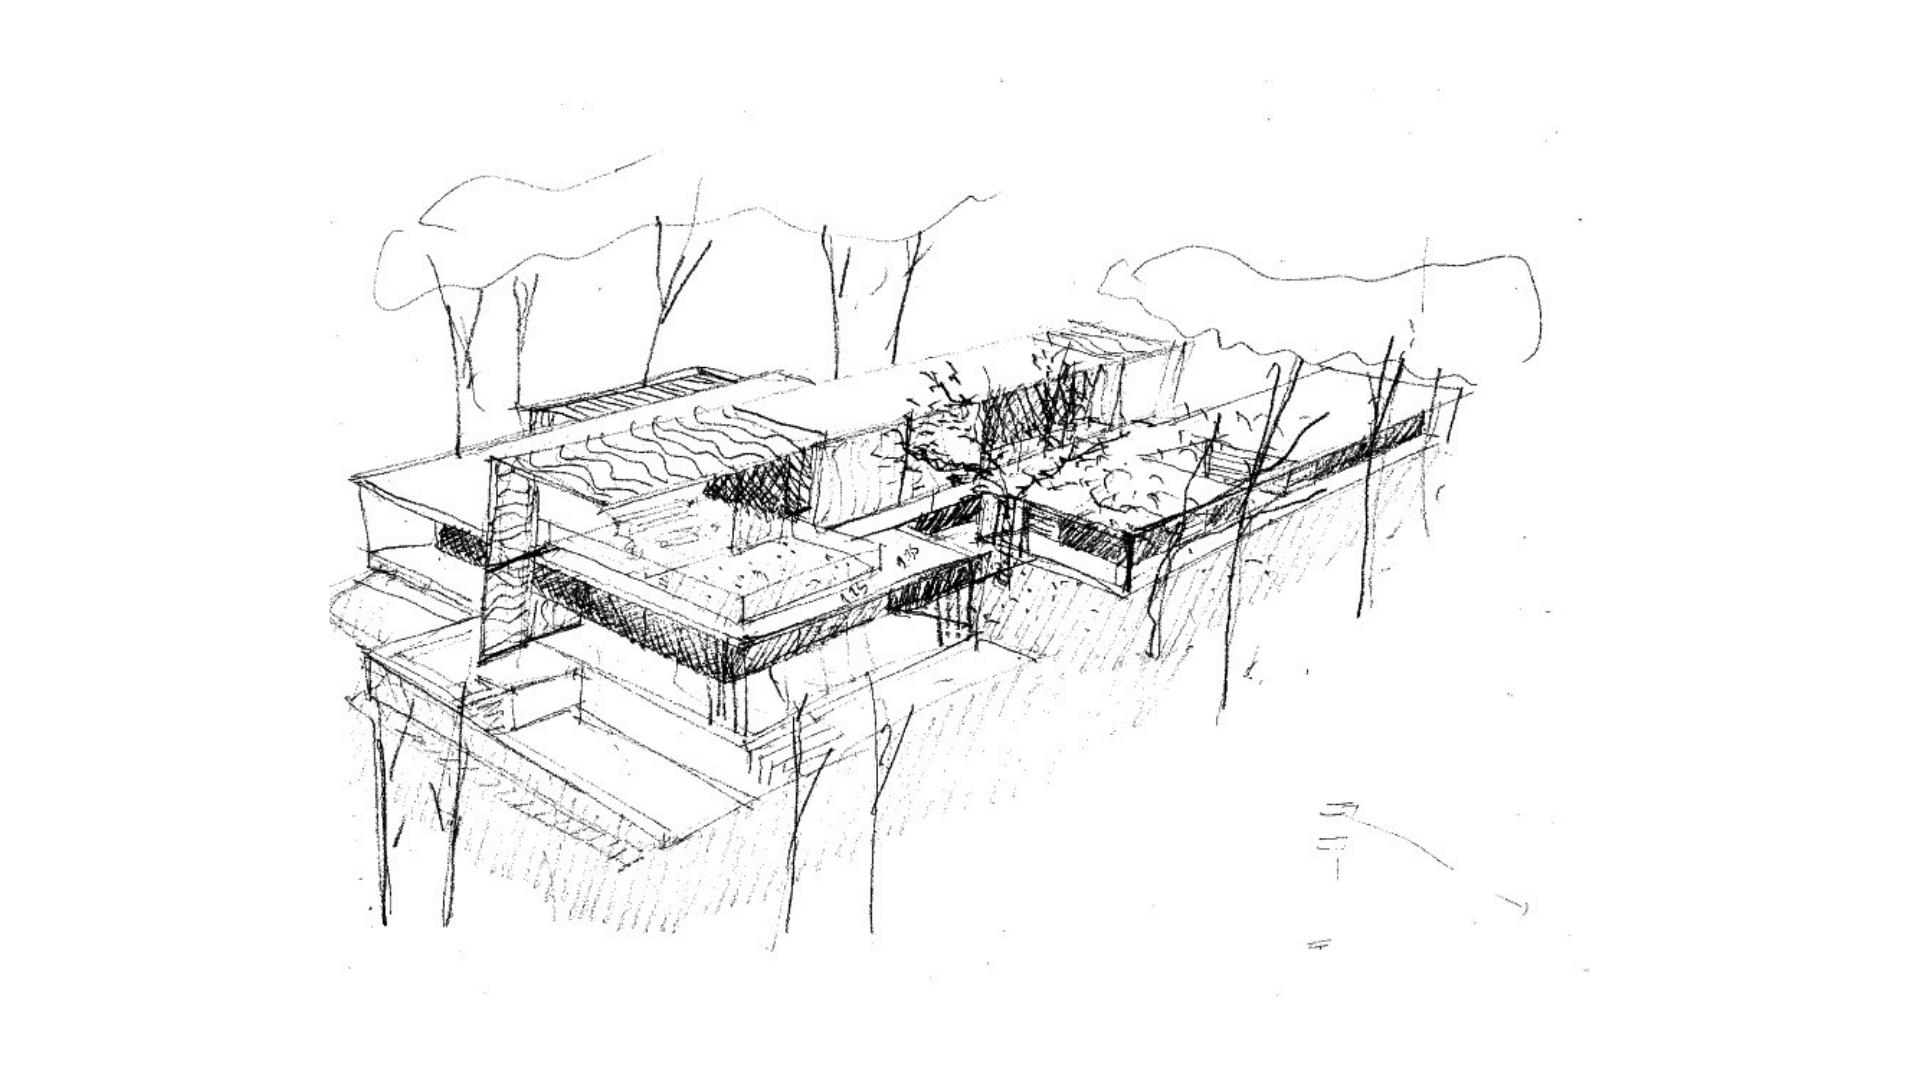 Croquis 3 Viviendas Unifamiliares en Encinas, Boadilla del Monte, Madrid. Un proyecto del estudio de arquitectura FH2L Arquitectos.